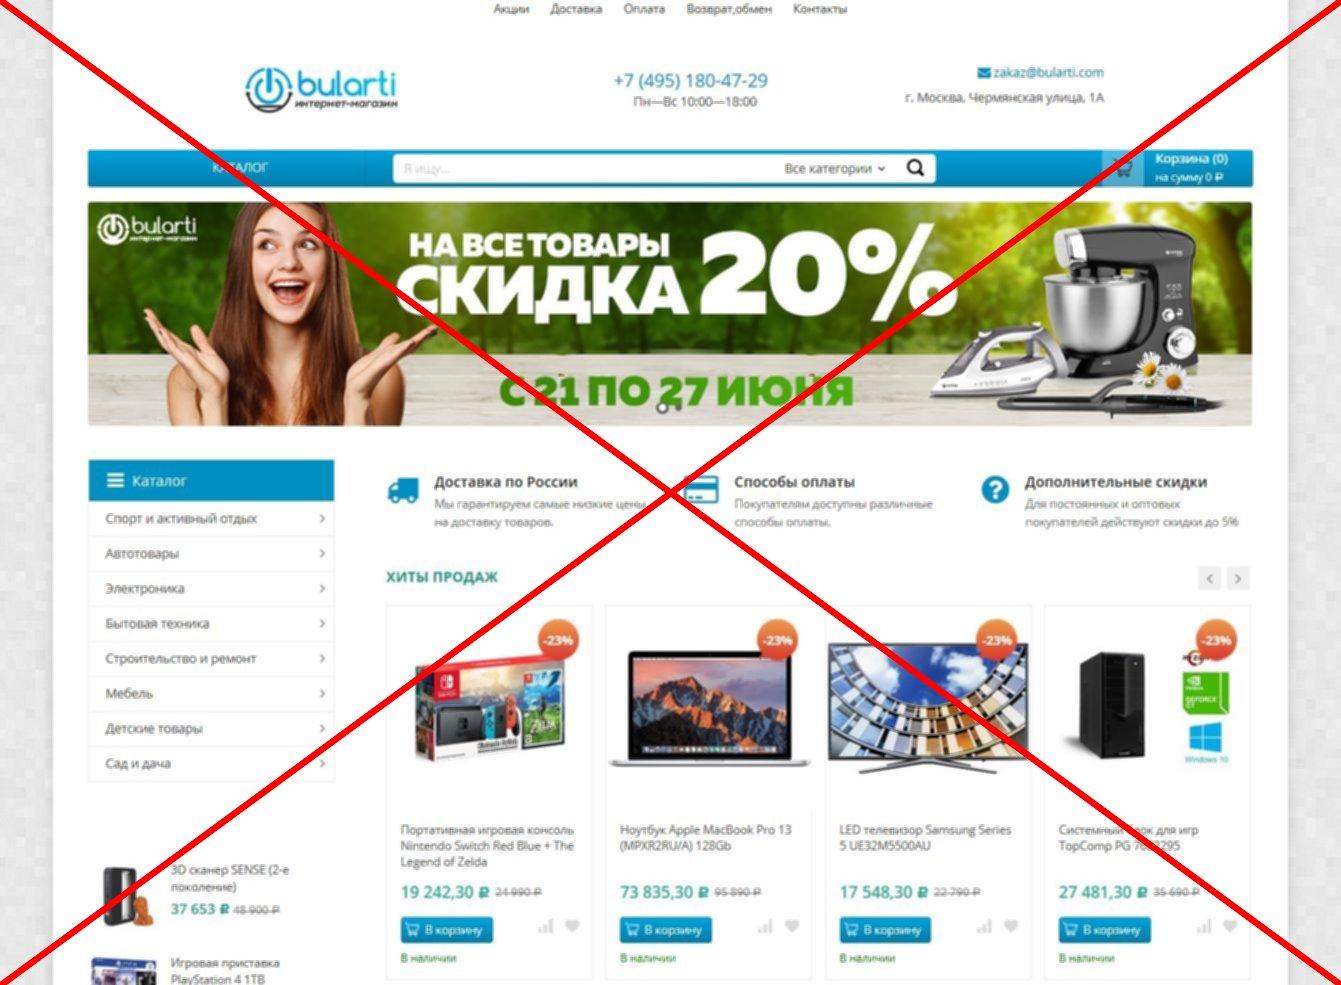 Скрины bularti.com, owenser.com